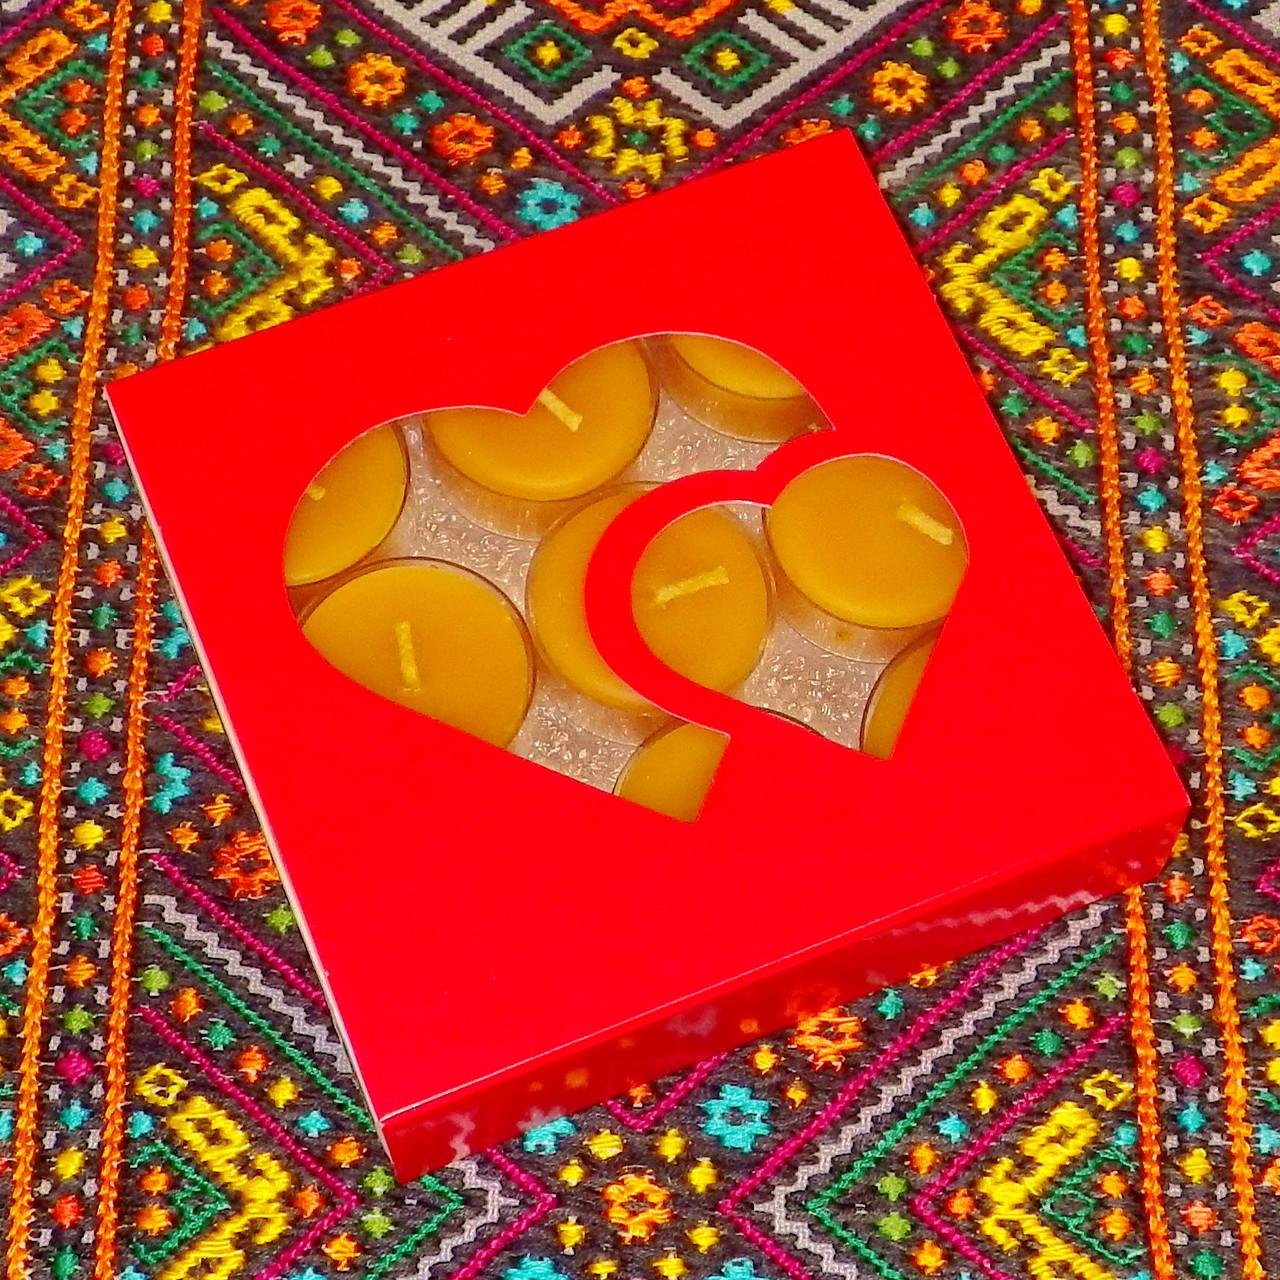 Подарочный набор круглых восковых чайных свечей 15г (9шт.) в коробке Красное Сердце